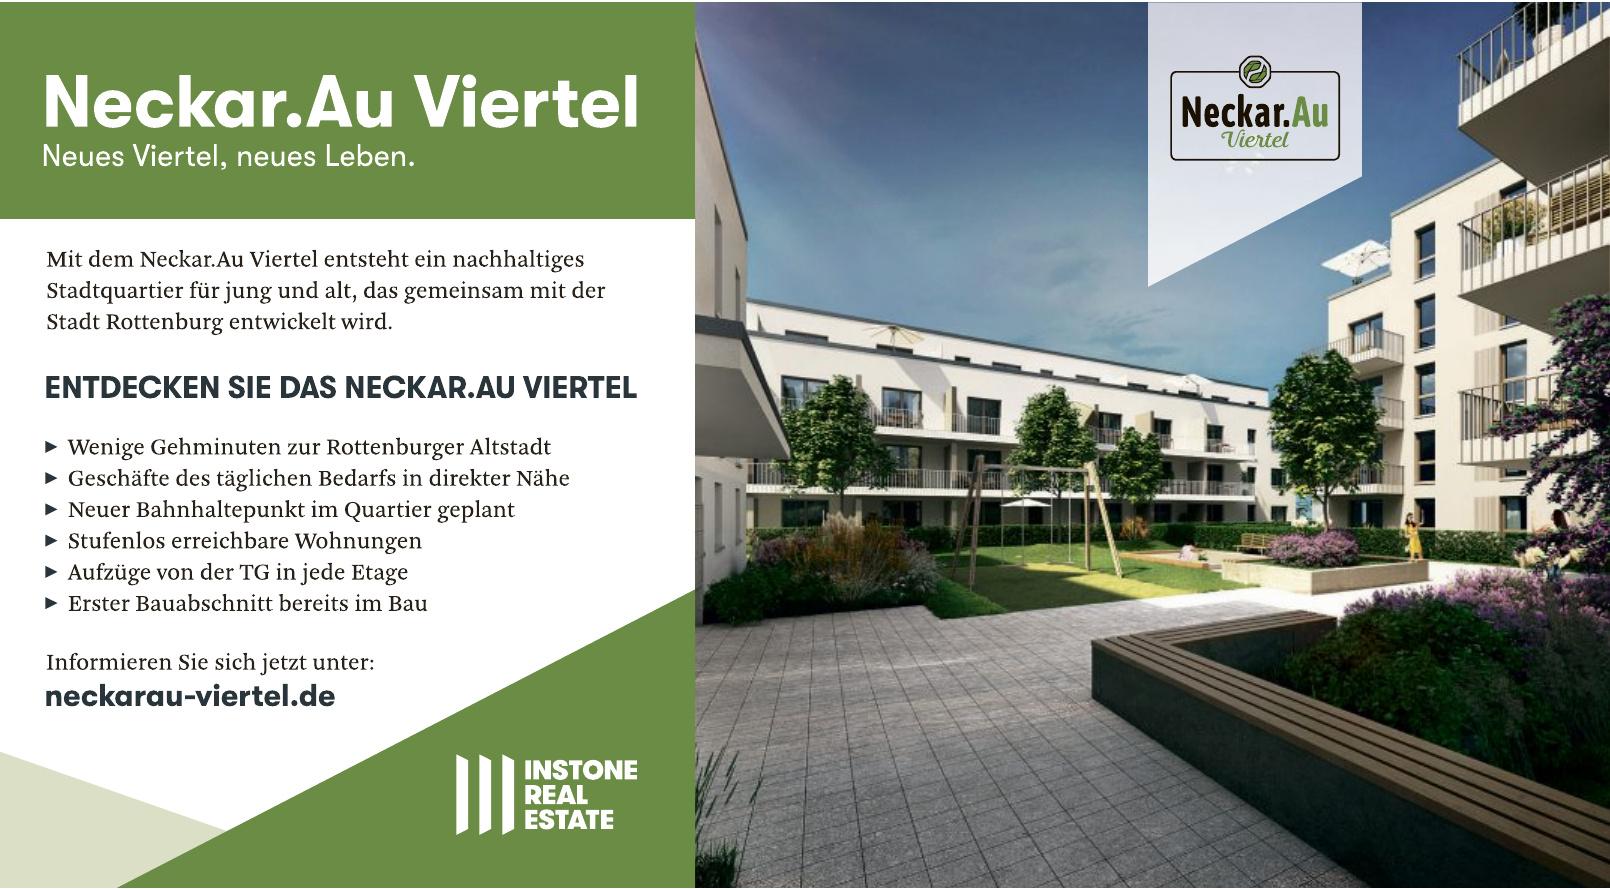 Neckar.Au Viertel